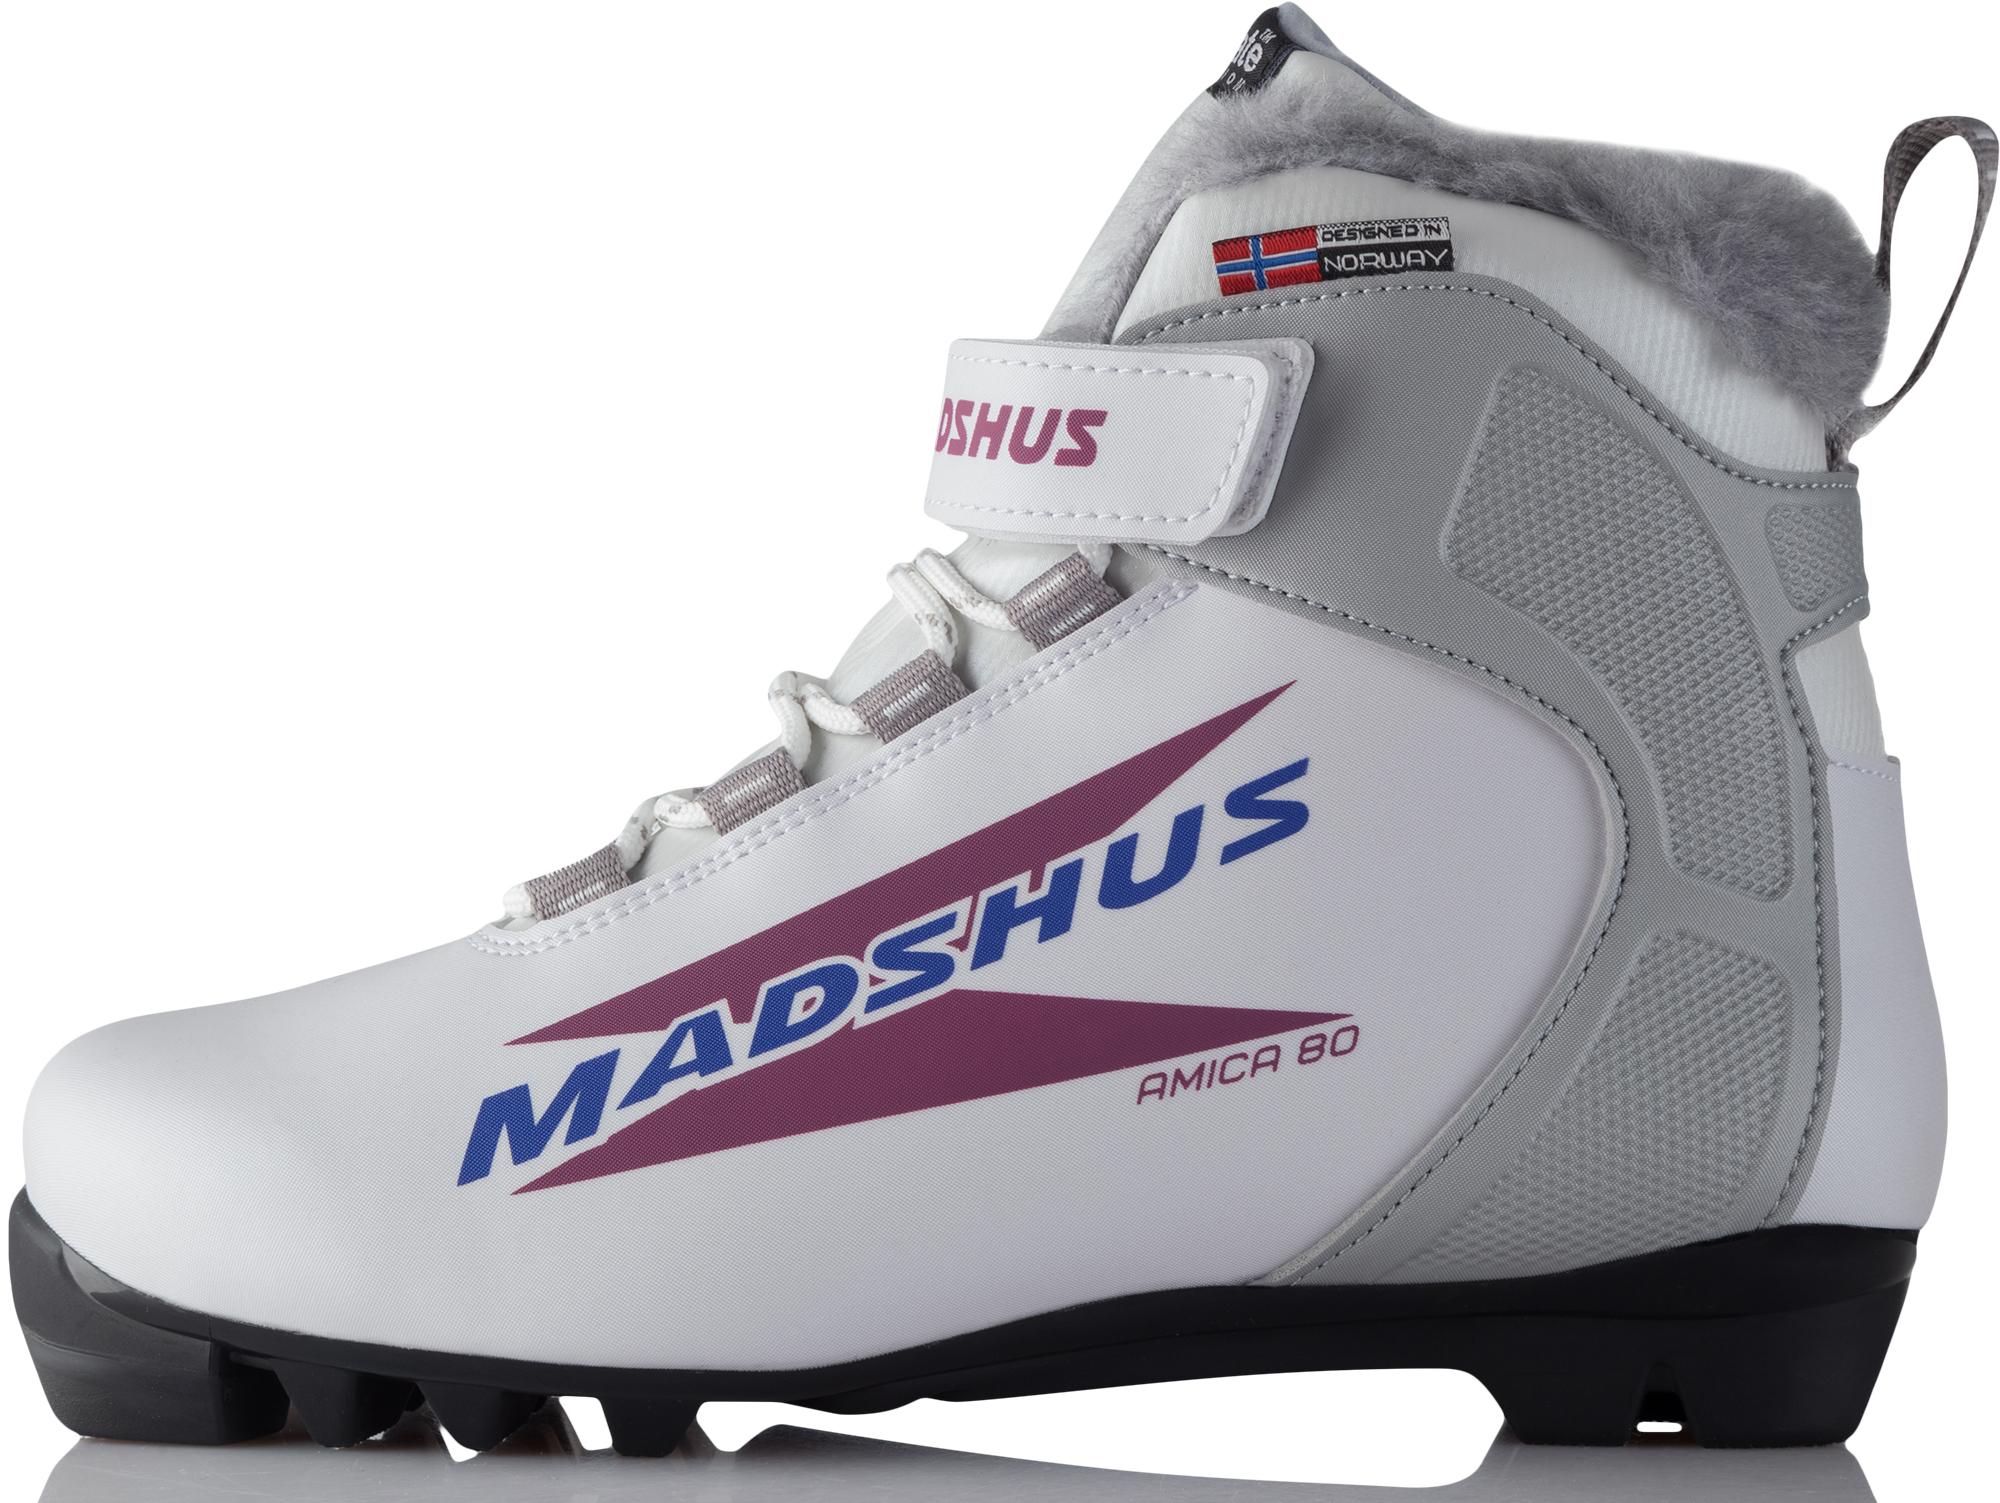 купить Madshus Ботинки для беговых лыж женские Madshus Amica 80 дешево